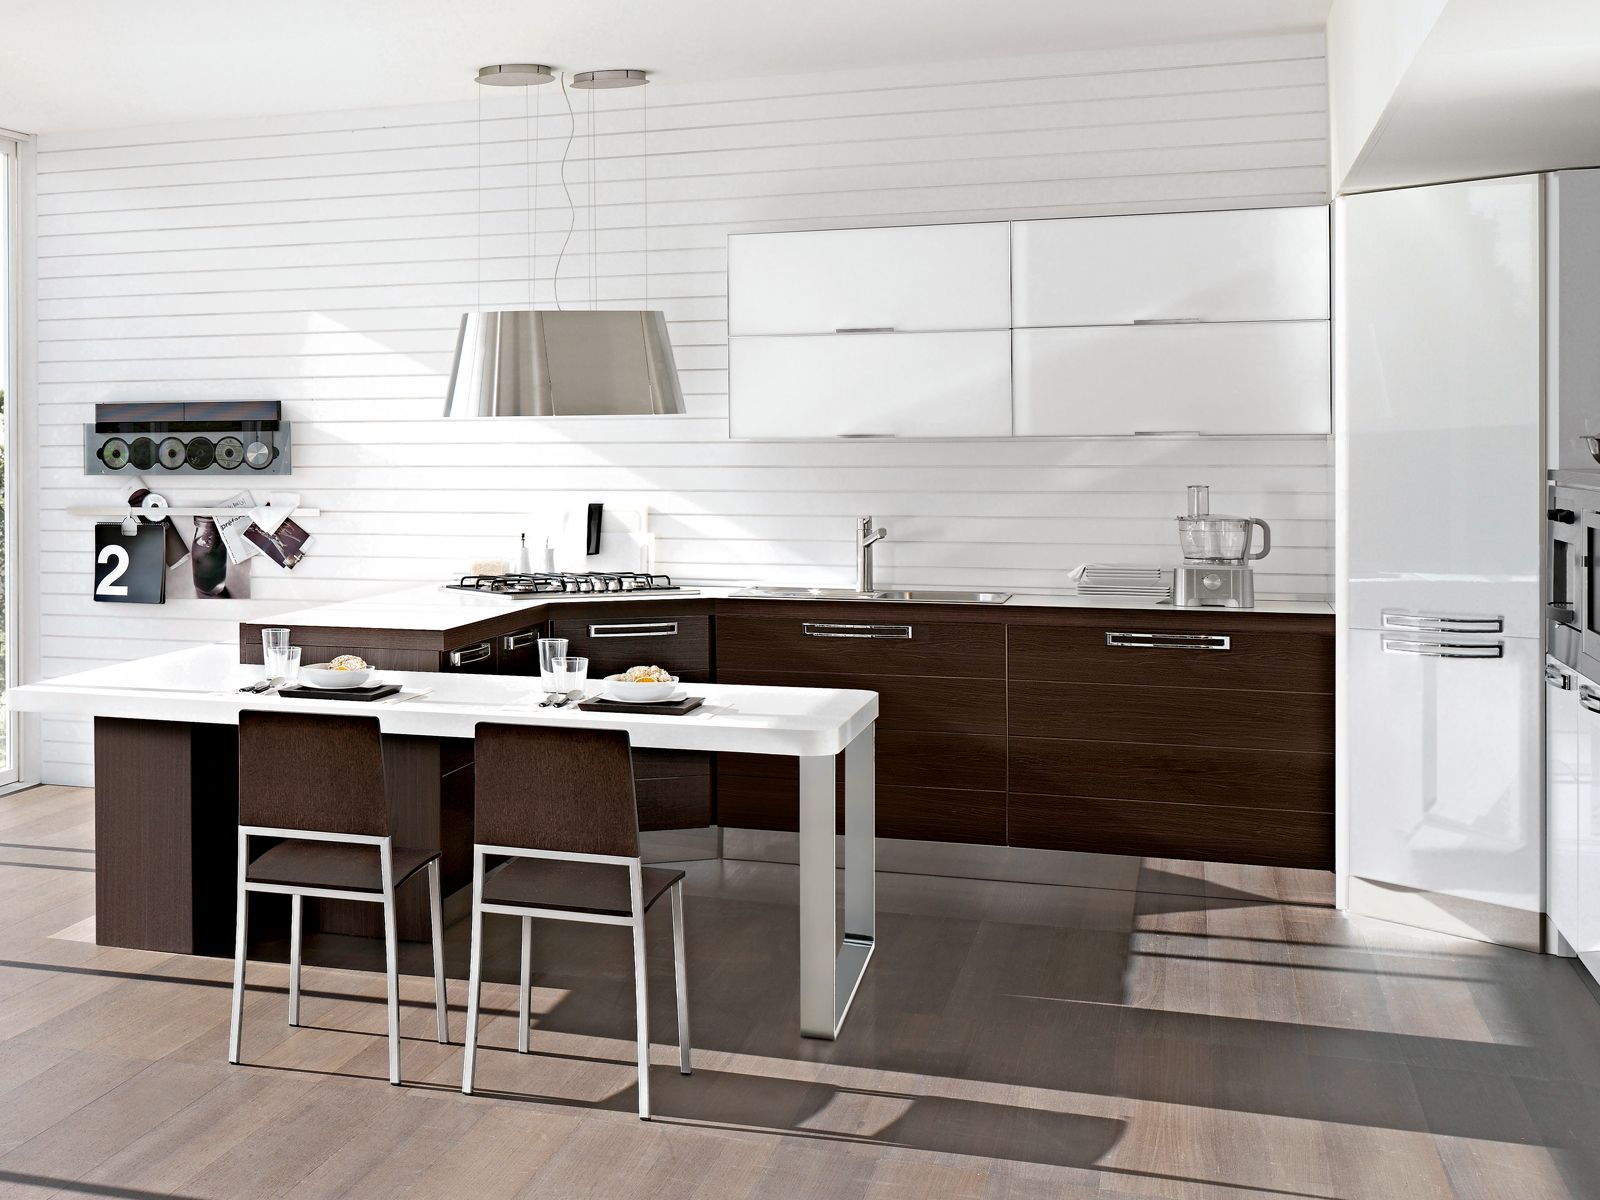 La cucina in soggiorno ranges kitchen decor and - Soluzioni economiche per arredare casa ...